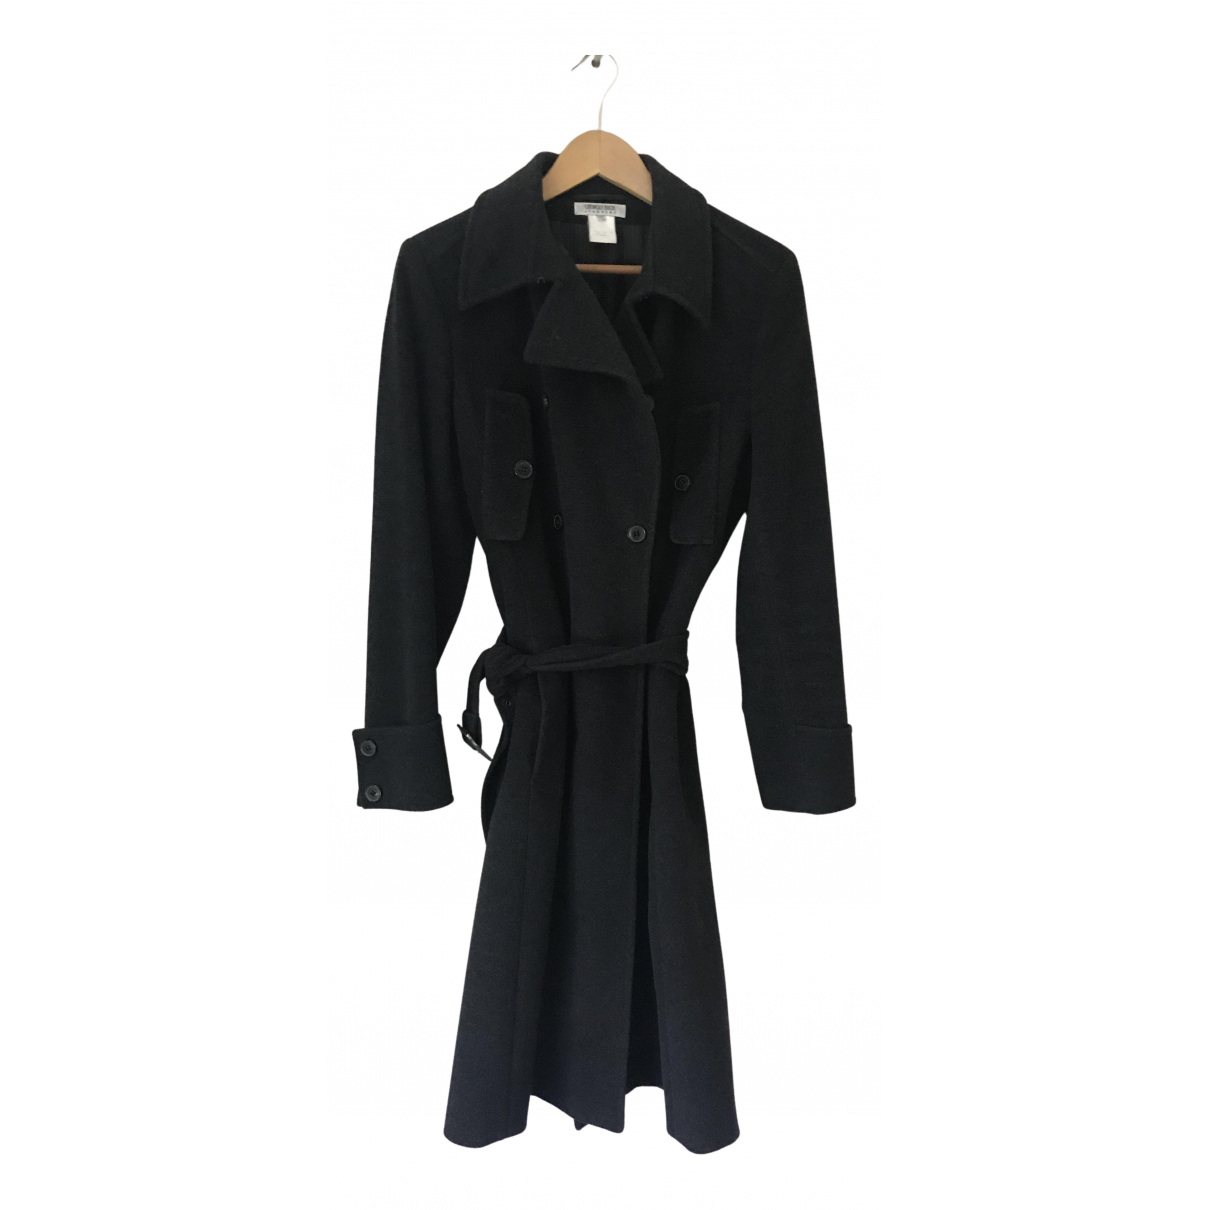 Georges Rech - Manteau   pour femme en laine - anthracite